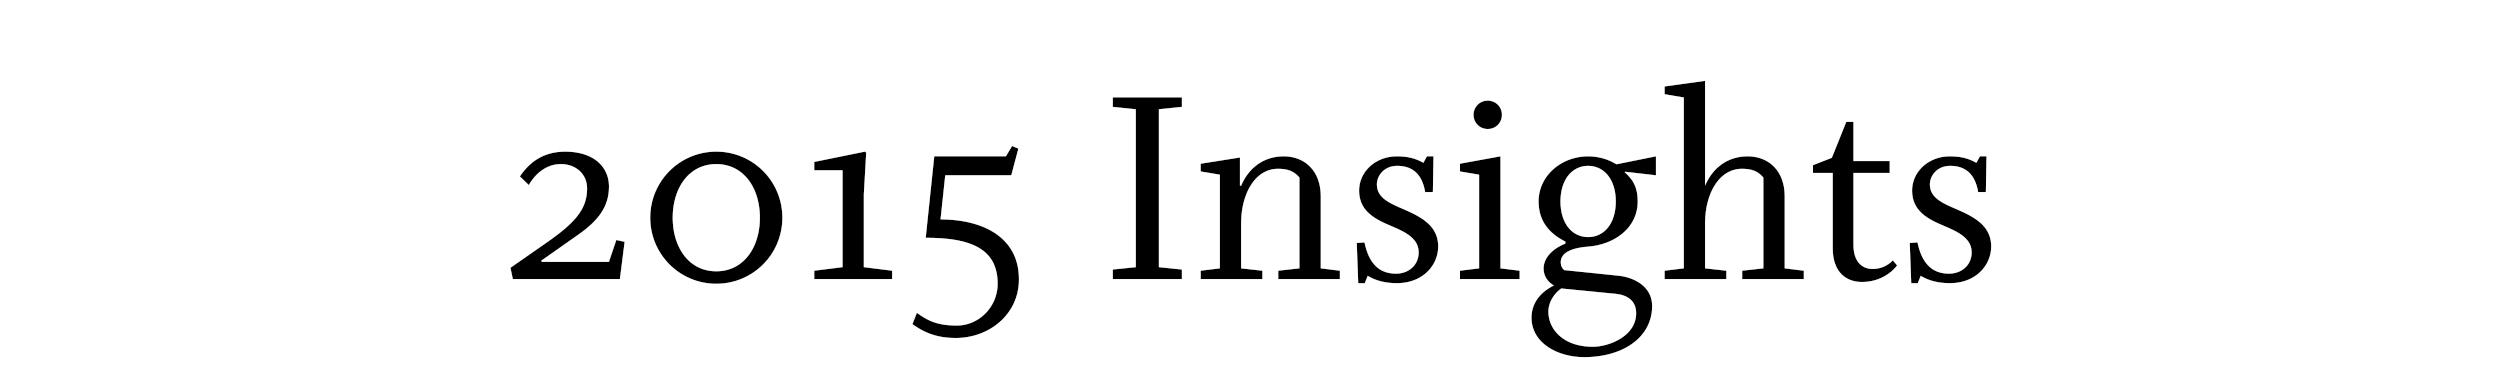 2015insights.jpg